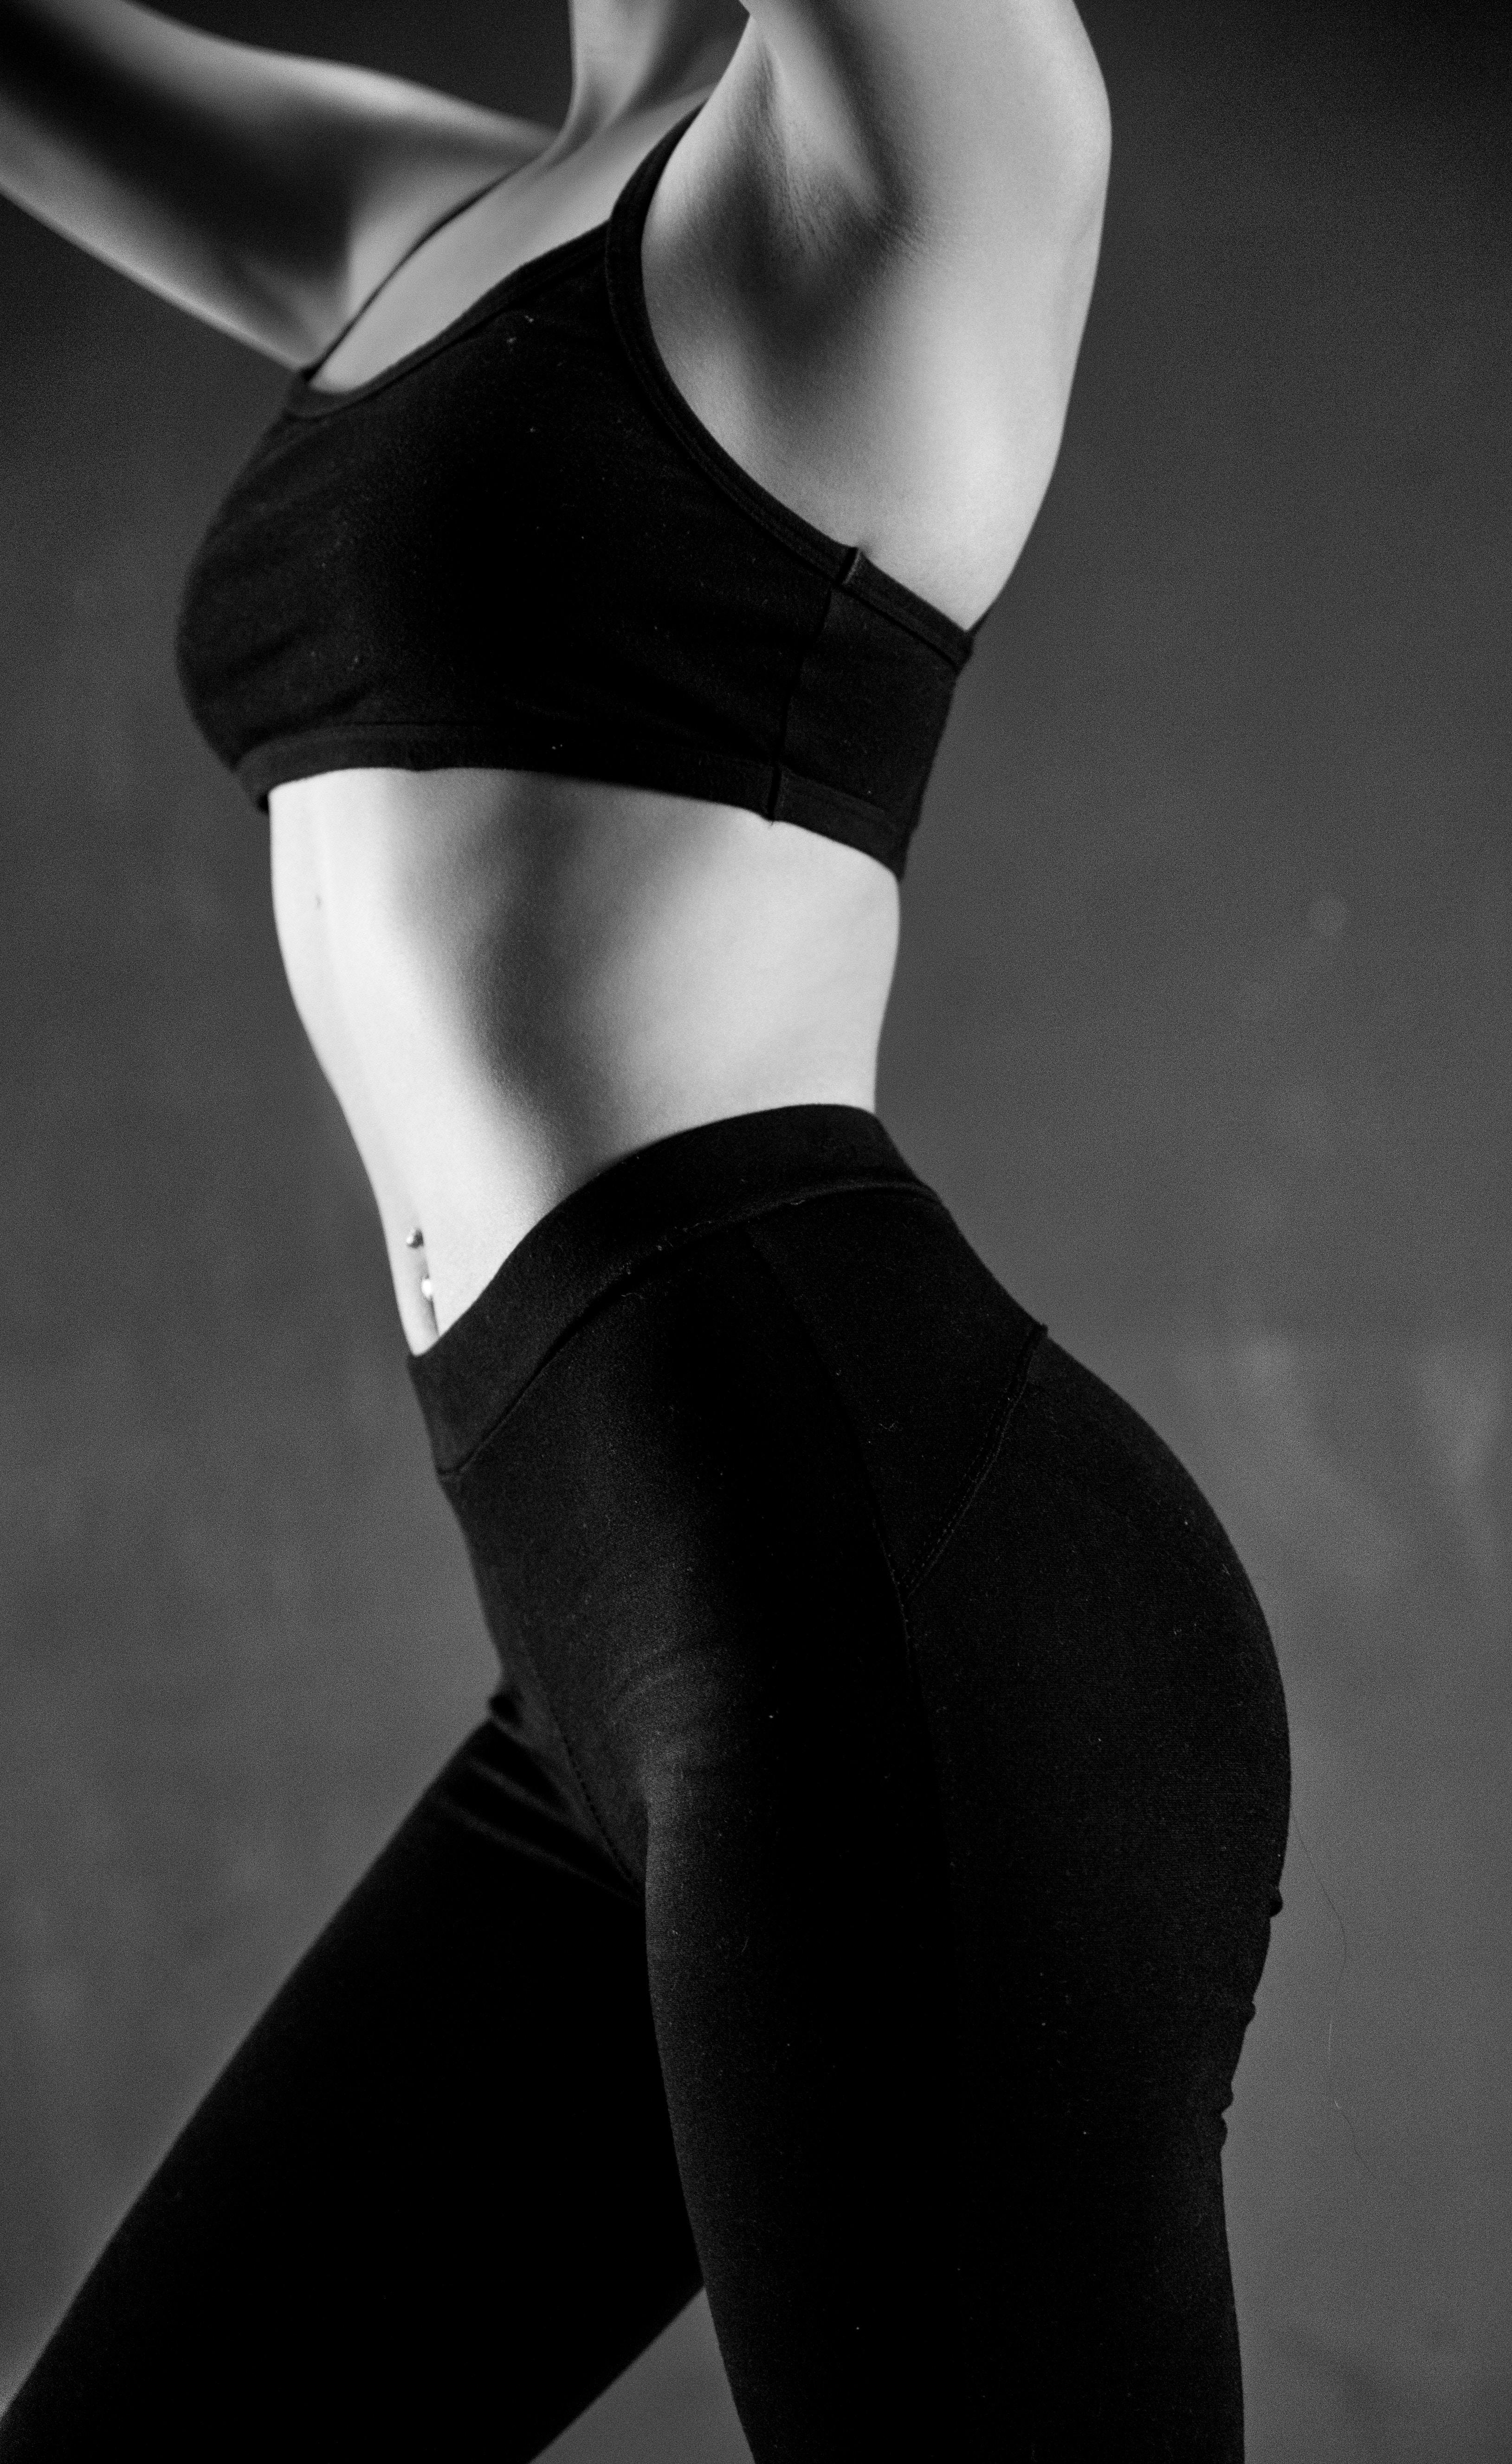 【腸腰筋の役割と作用】腸腰筋がどこにあるのか